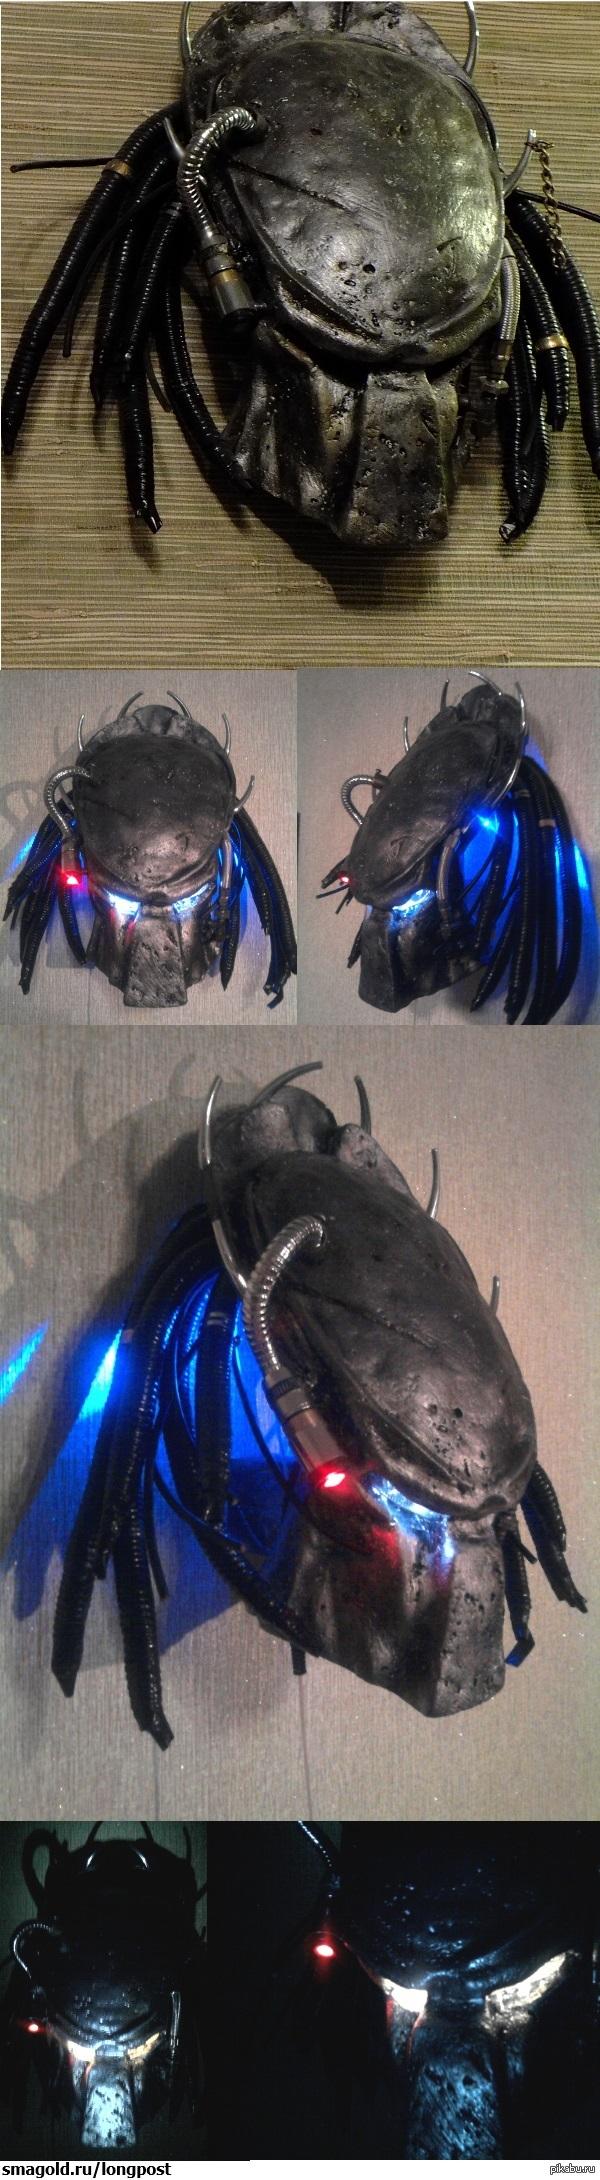 Маска хищника моими руками) Фанат я этого кинца и всегда хотел иметь  маску хищника, но глядя на цены реплик ,решил сделать сам  и сделал из гипса)